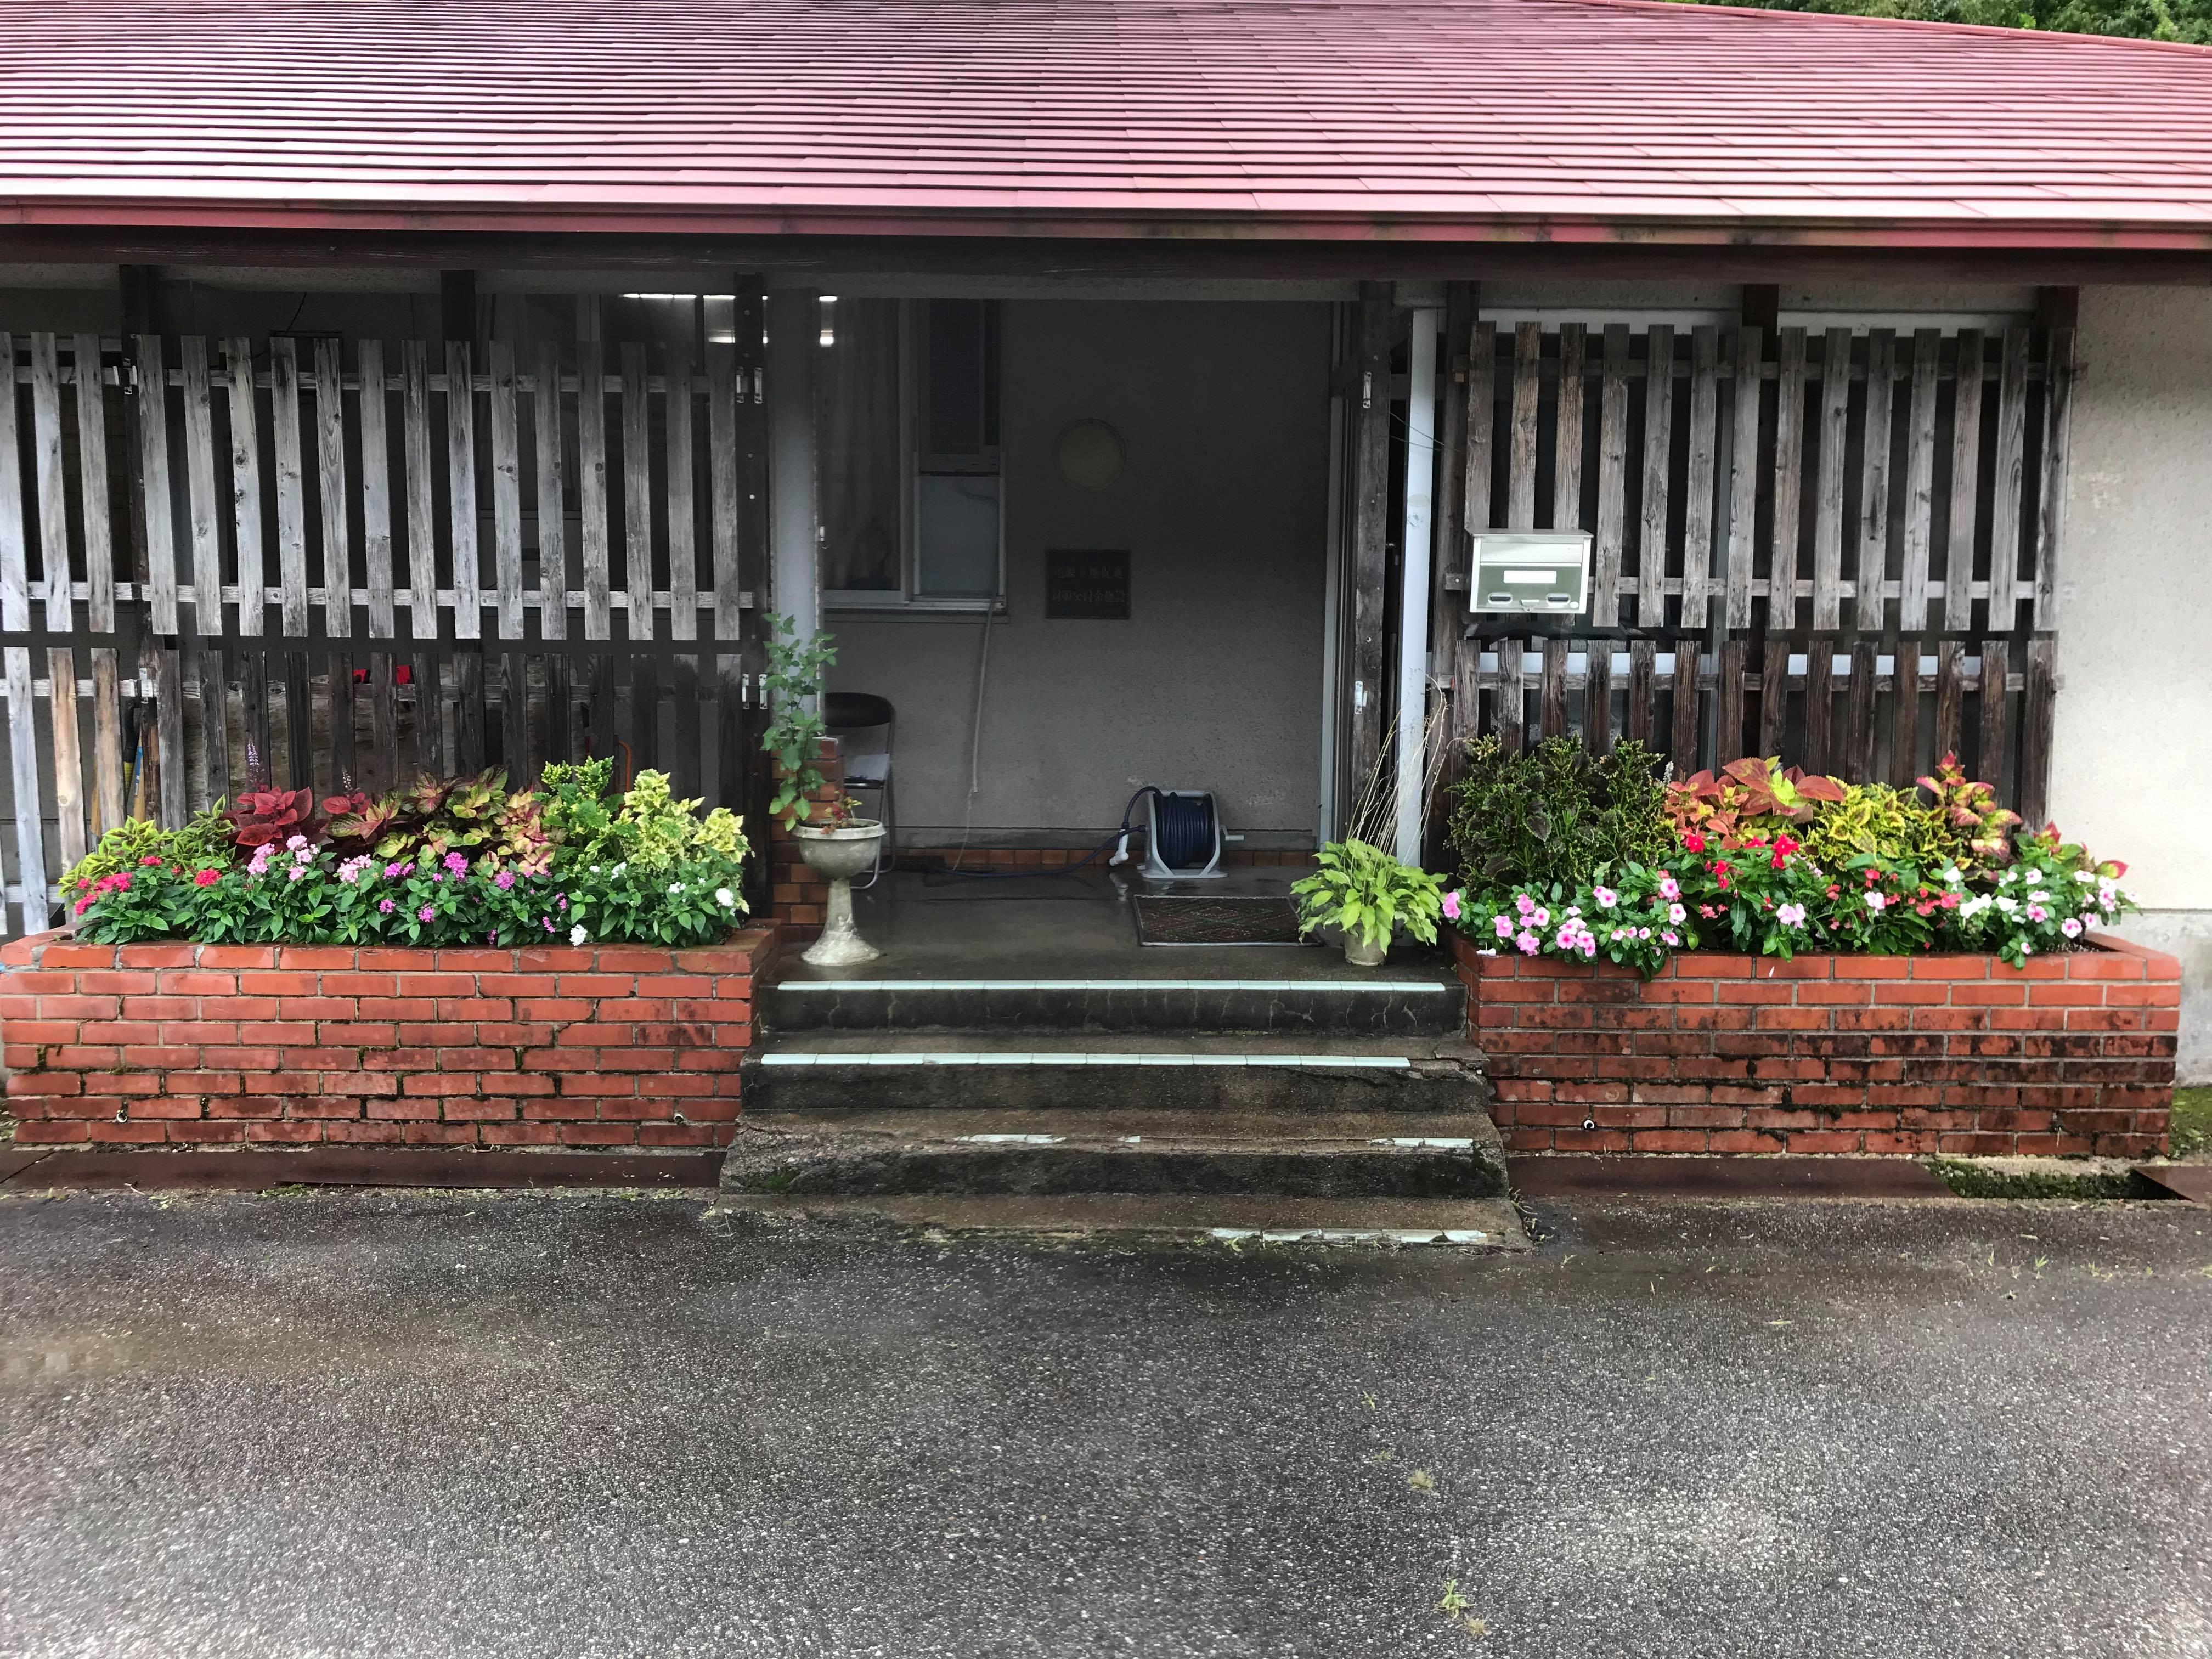 事業所前花壇のその後